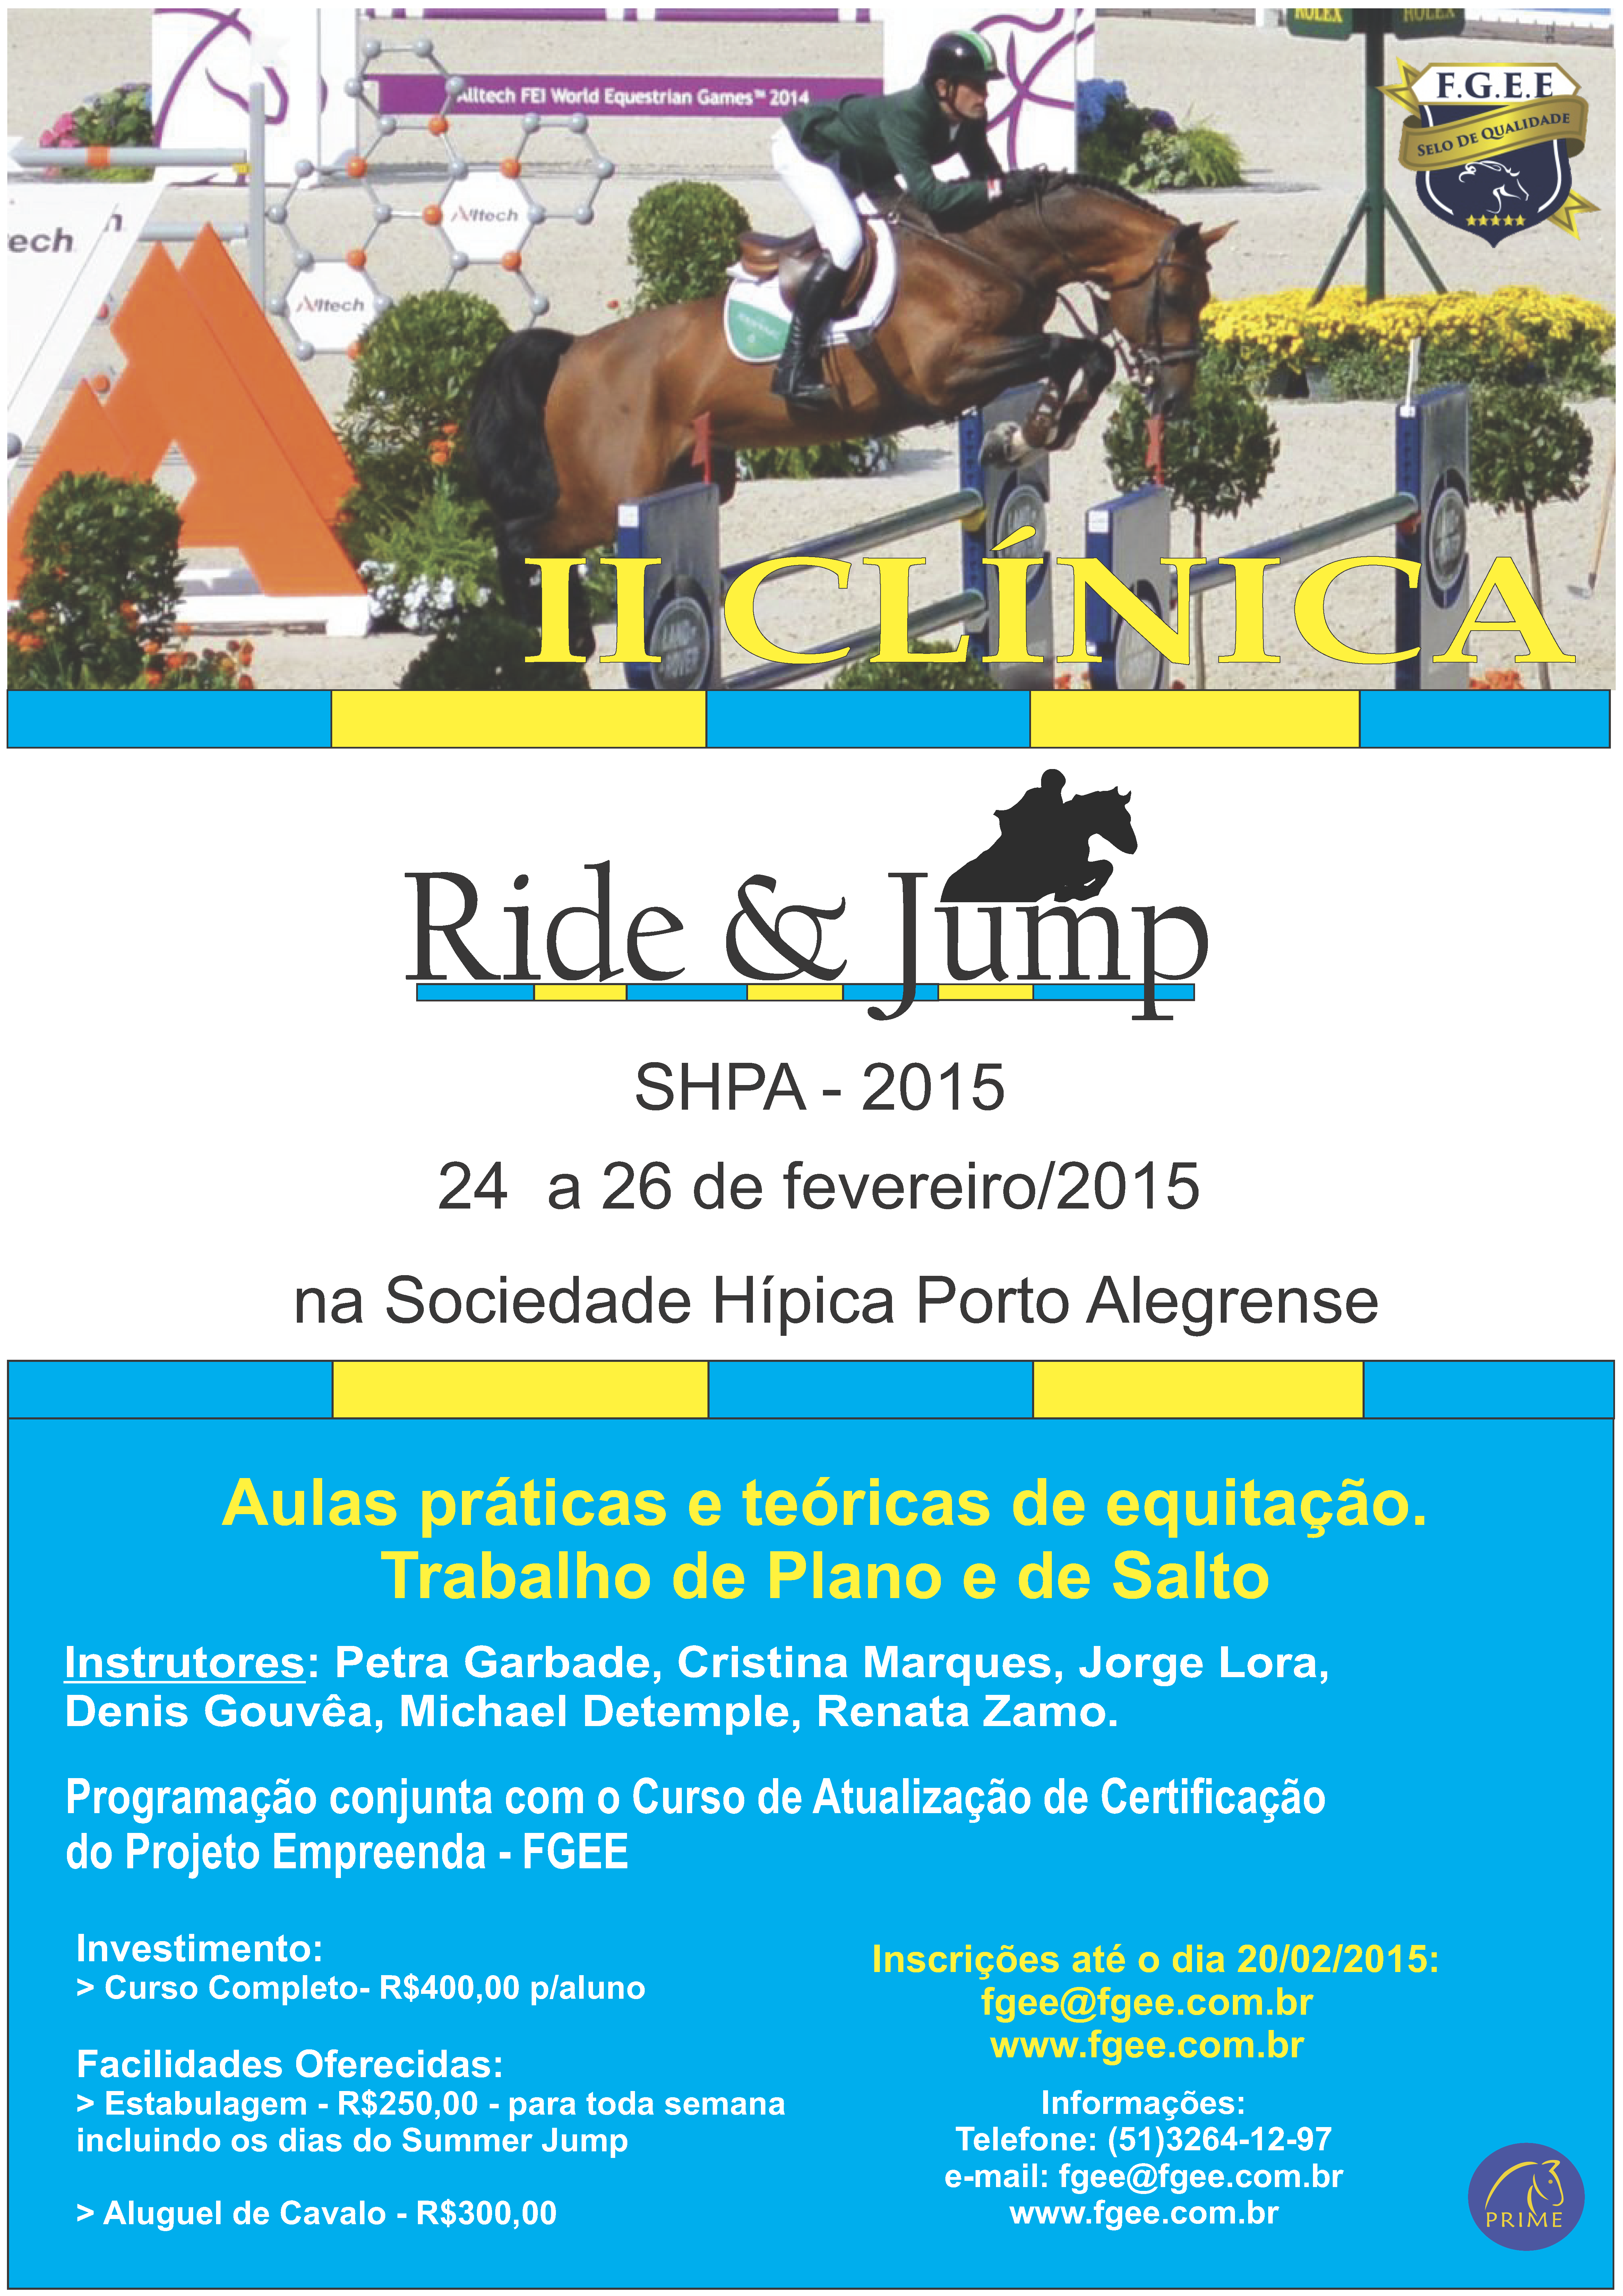 RIDE & JUMP – Sociedade Hípica Porto Alegrense de 24 a 26/02.